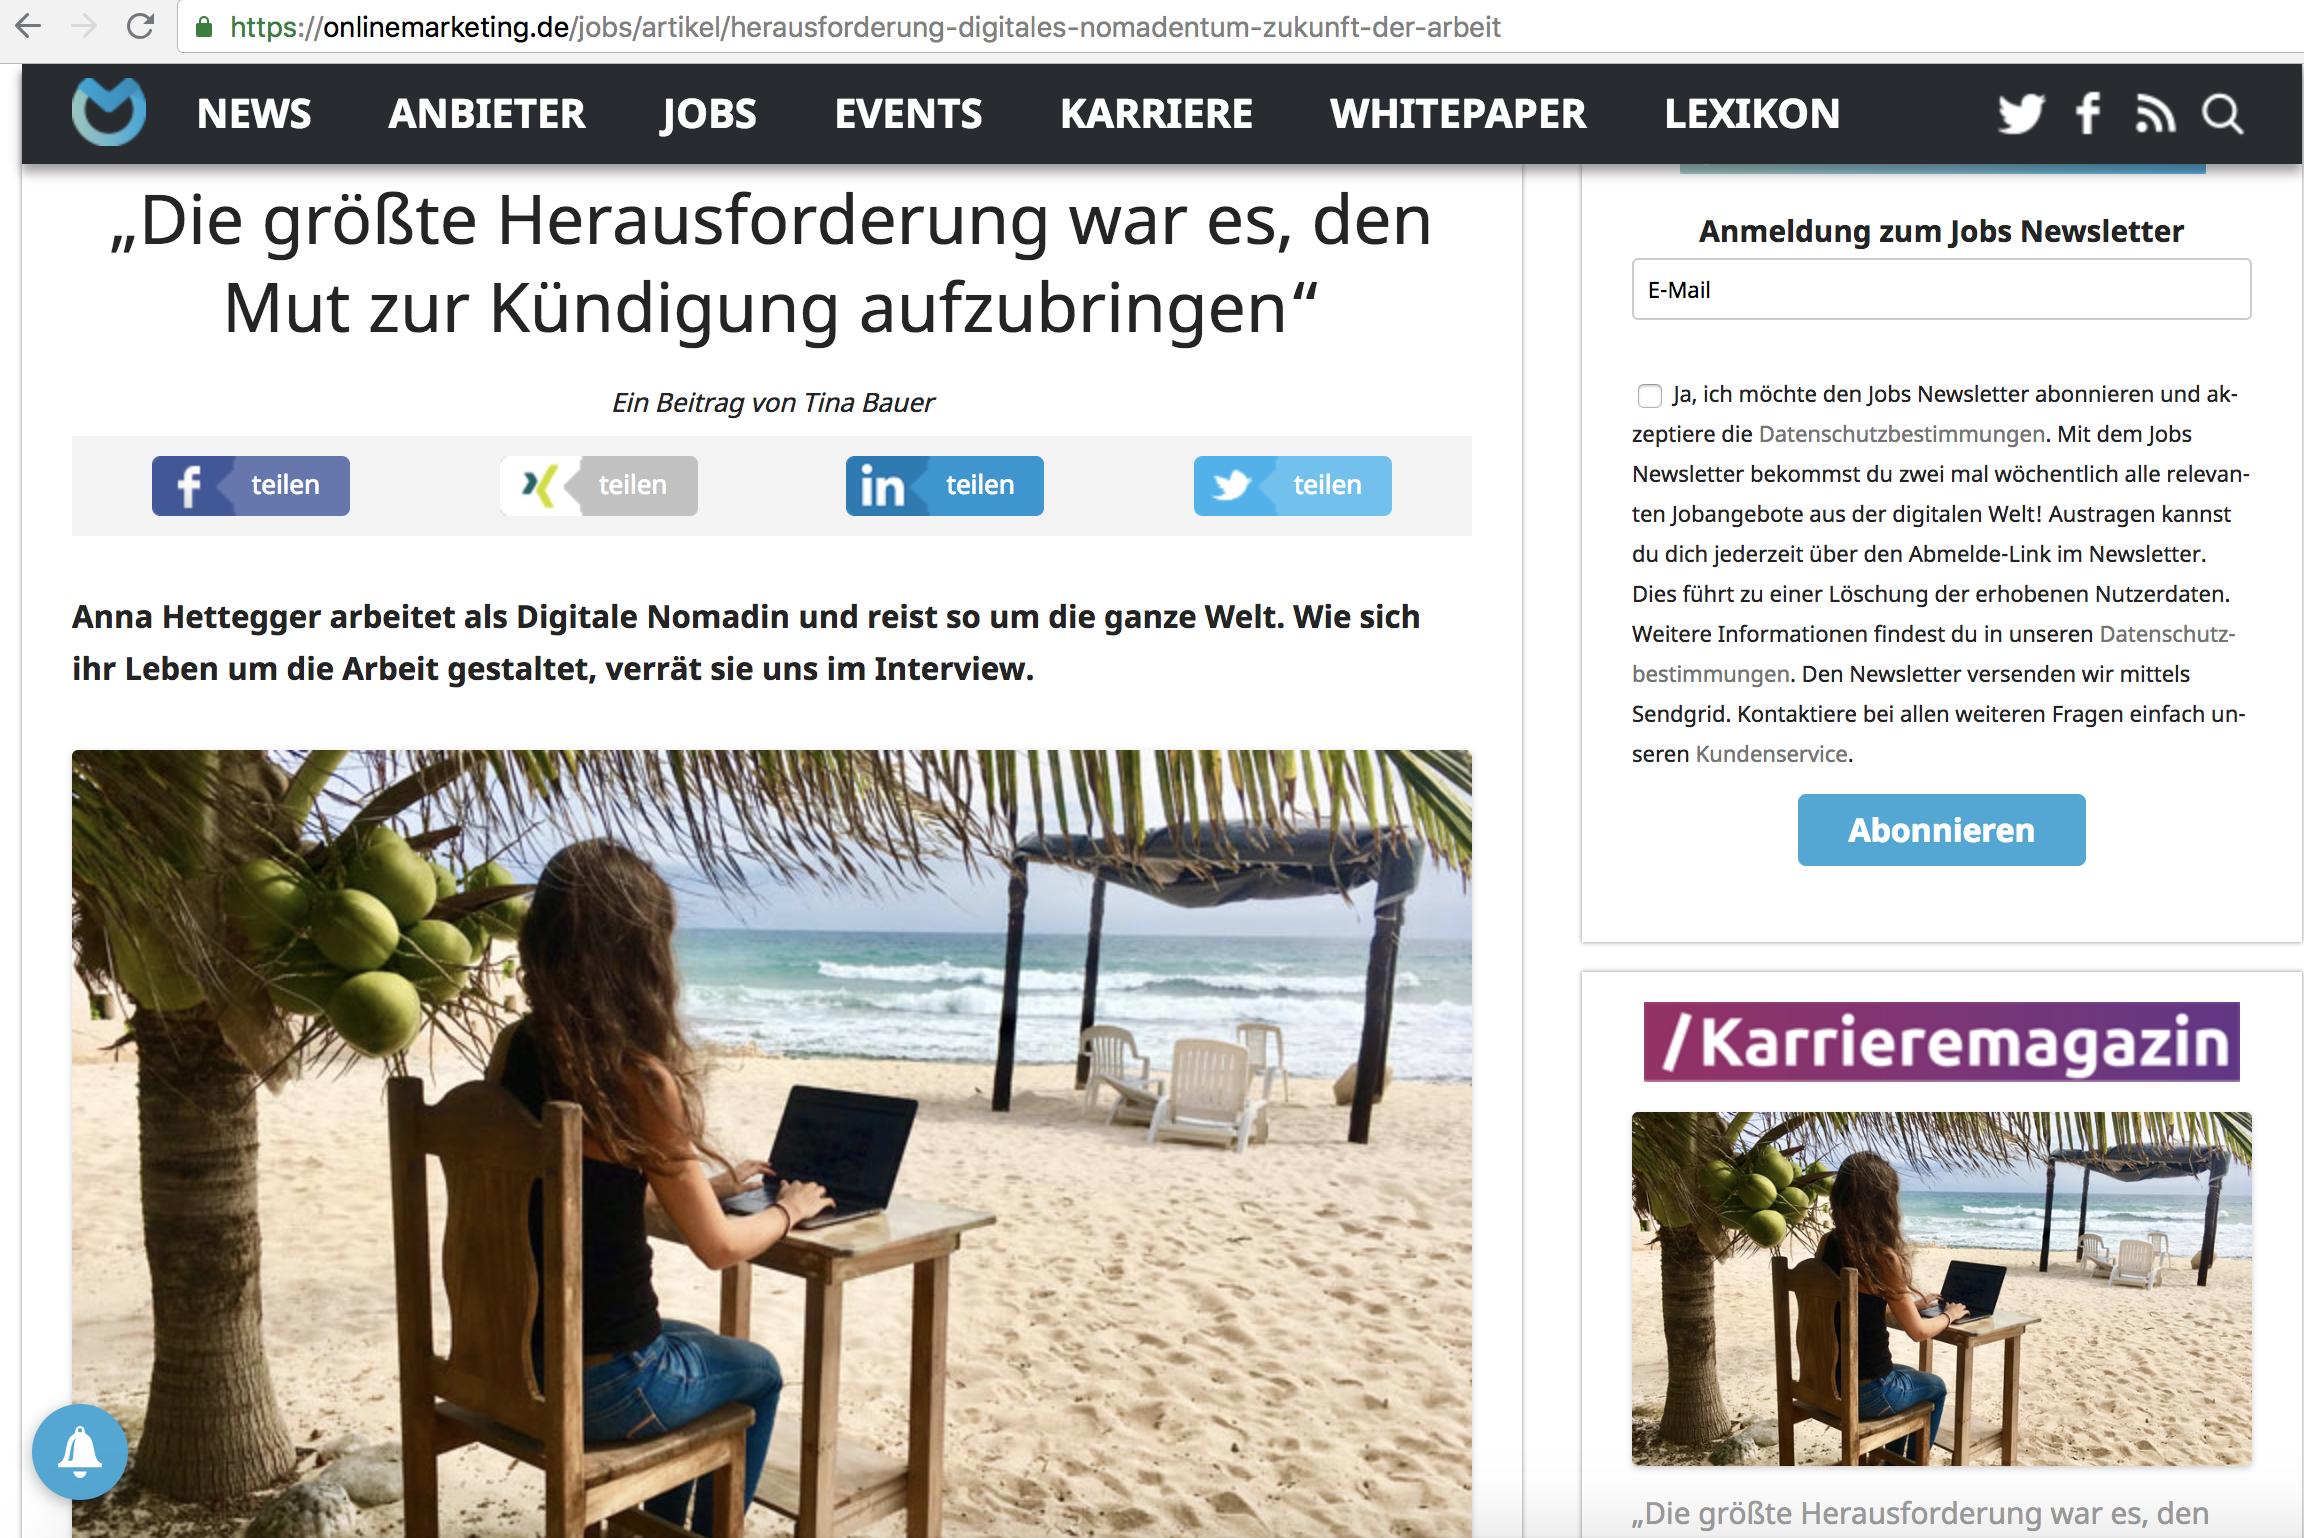 Anna Hettegger von Roadtrip Leben Interview auf OnlineMarketing.de